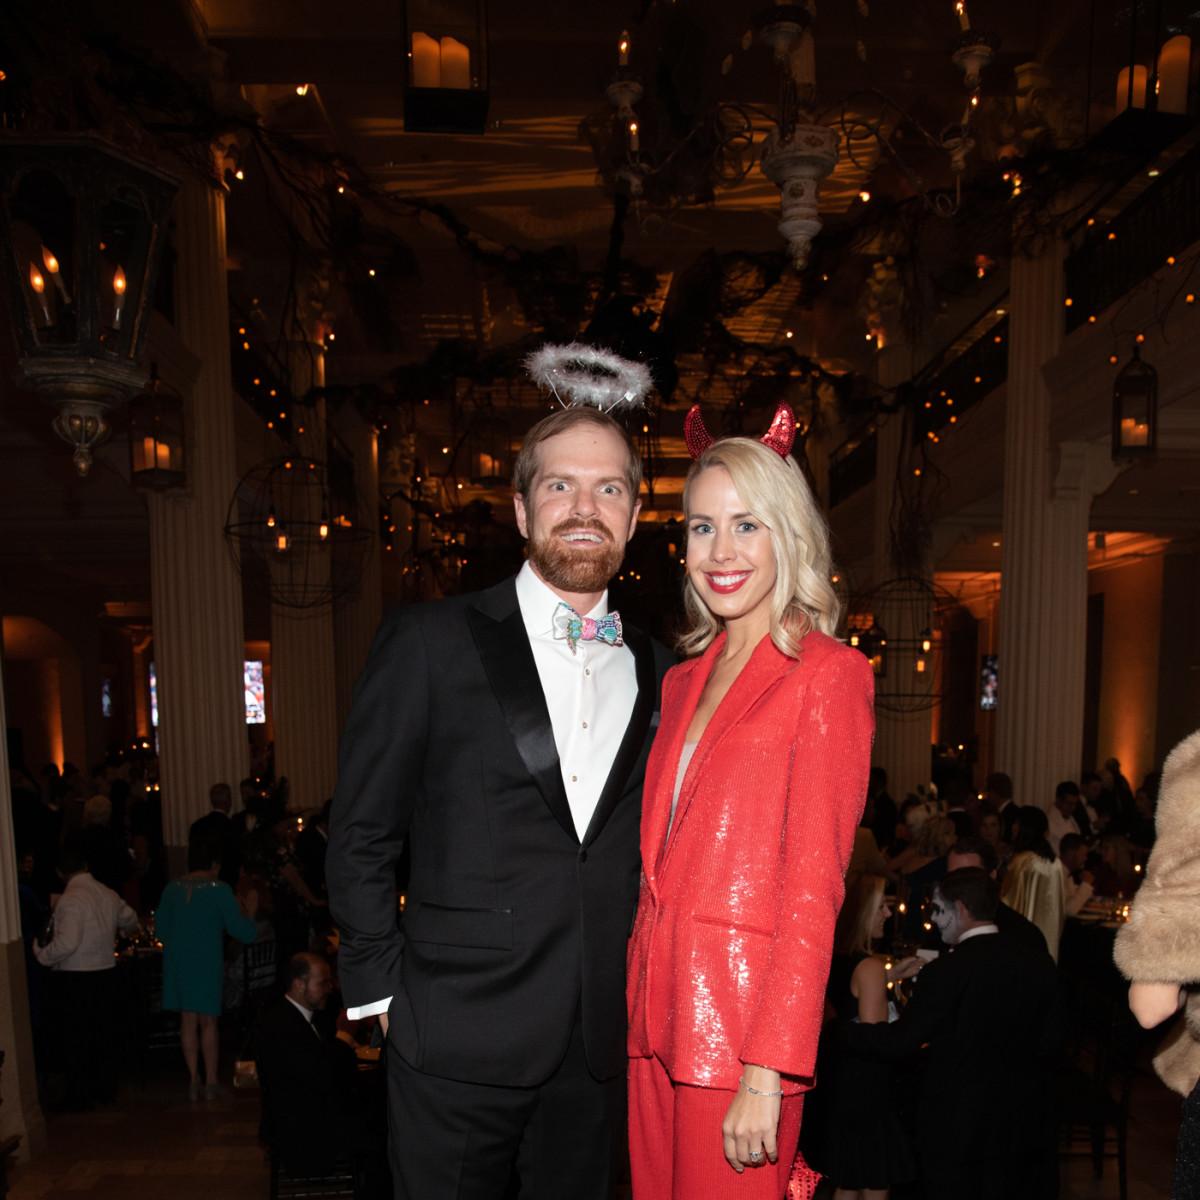 Children's Museum of Houston gala 2019 John Caroline Harrell